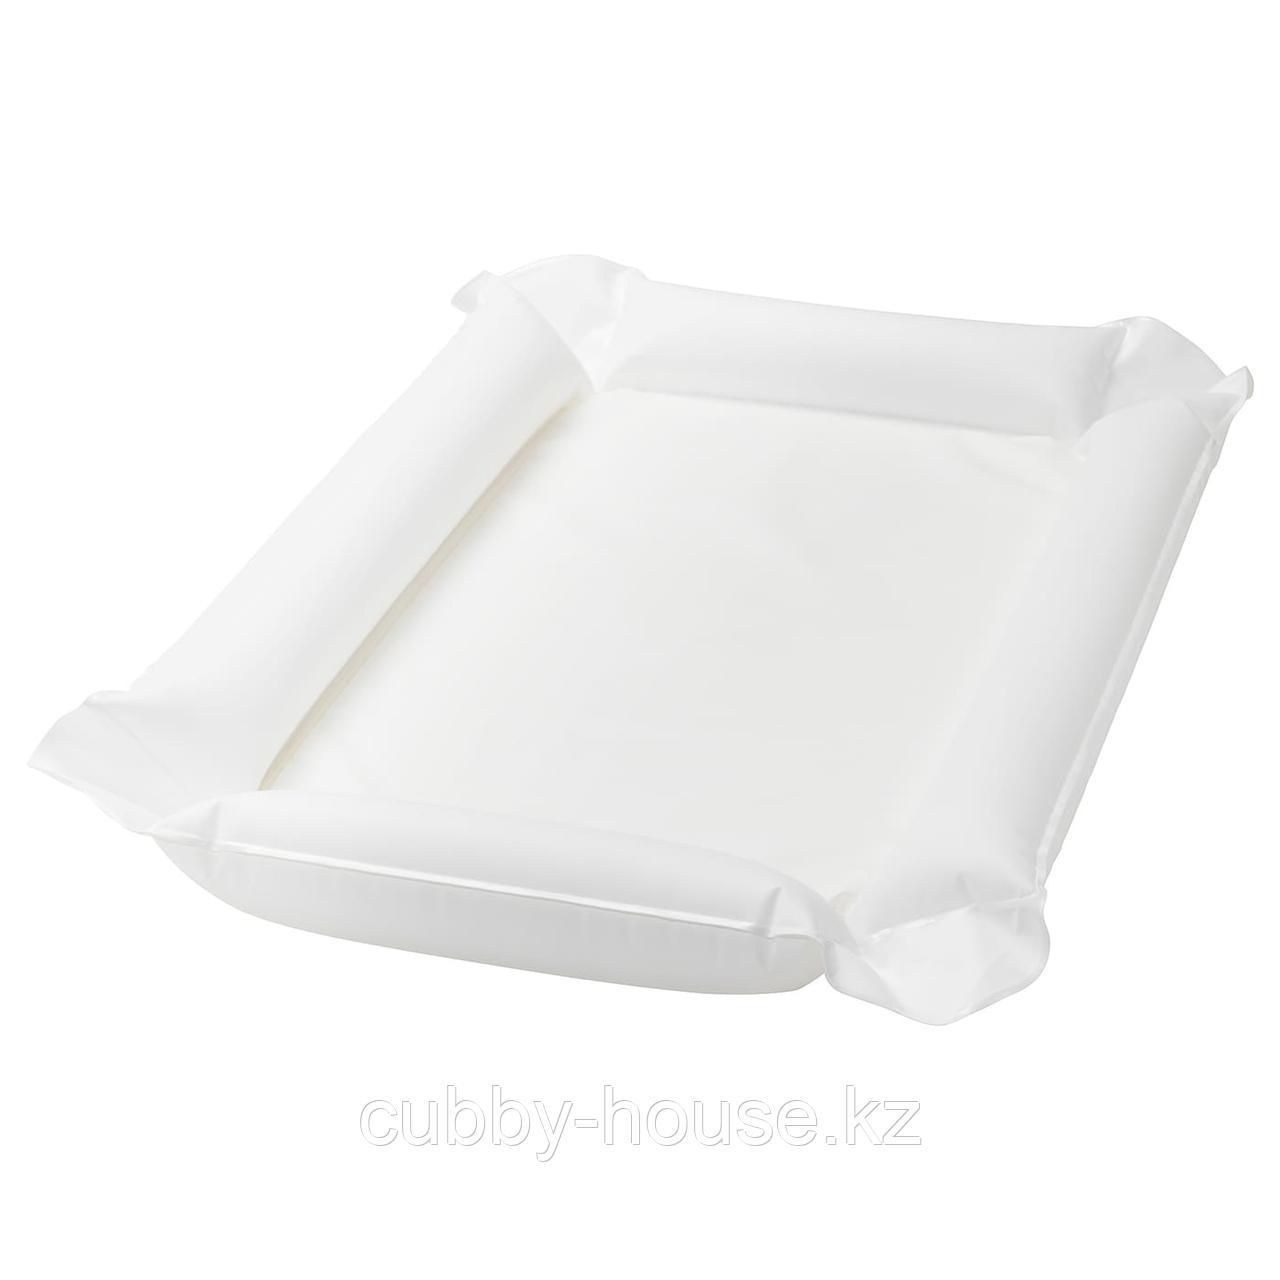 СКЁТСАМ Пеленальная подстилка, белый, 53x80x2 см